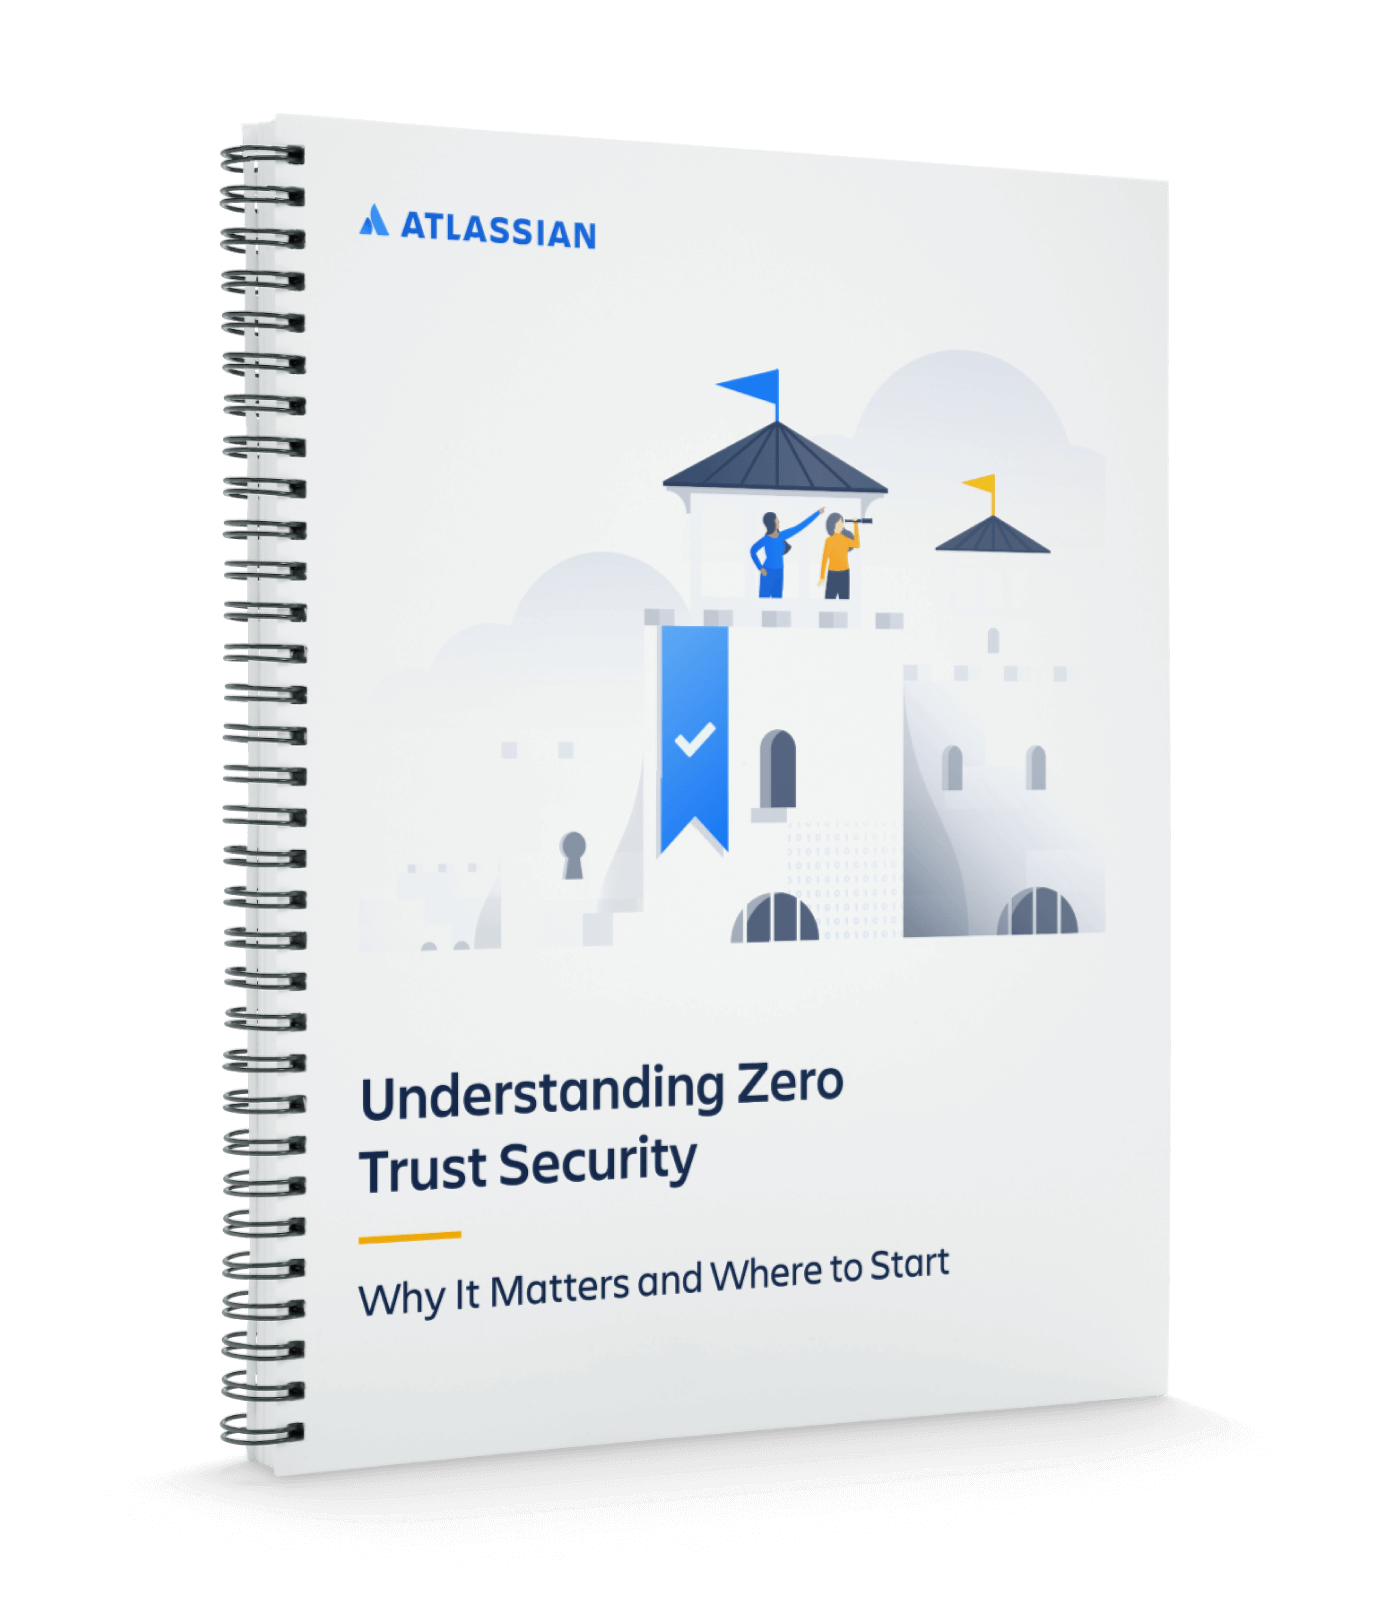 Aperçu de la couverture «Understanding Zero Trust Security»